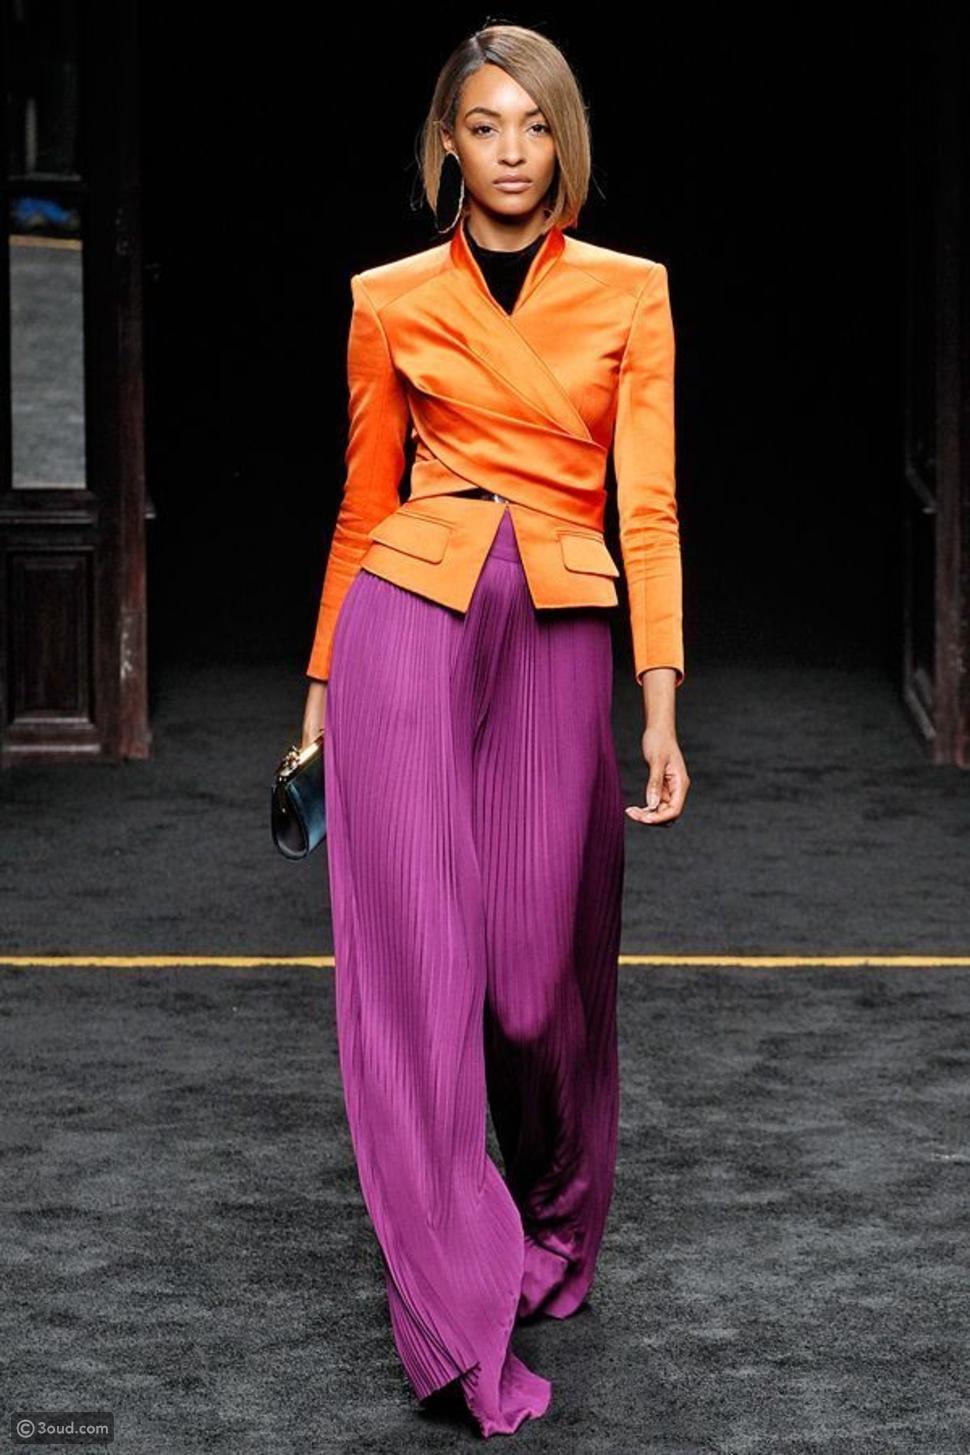 لون خريفي يلقى رواجاً في أزياء الصيف.. تعرفي عليه